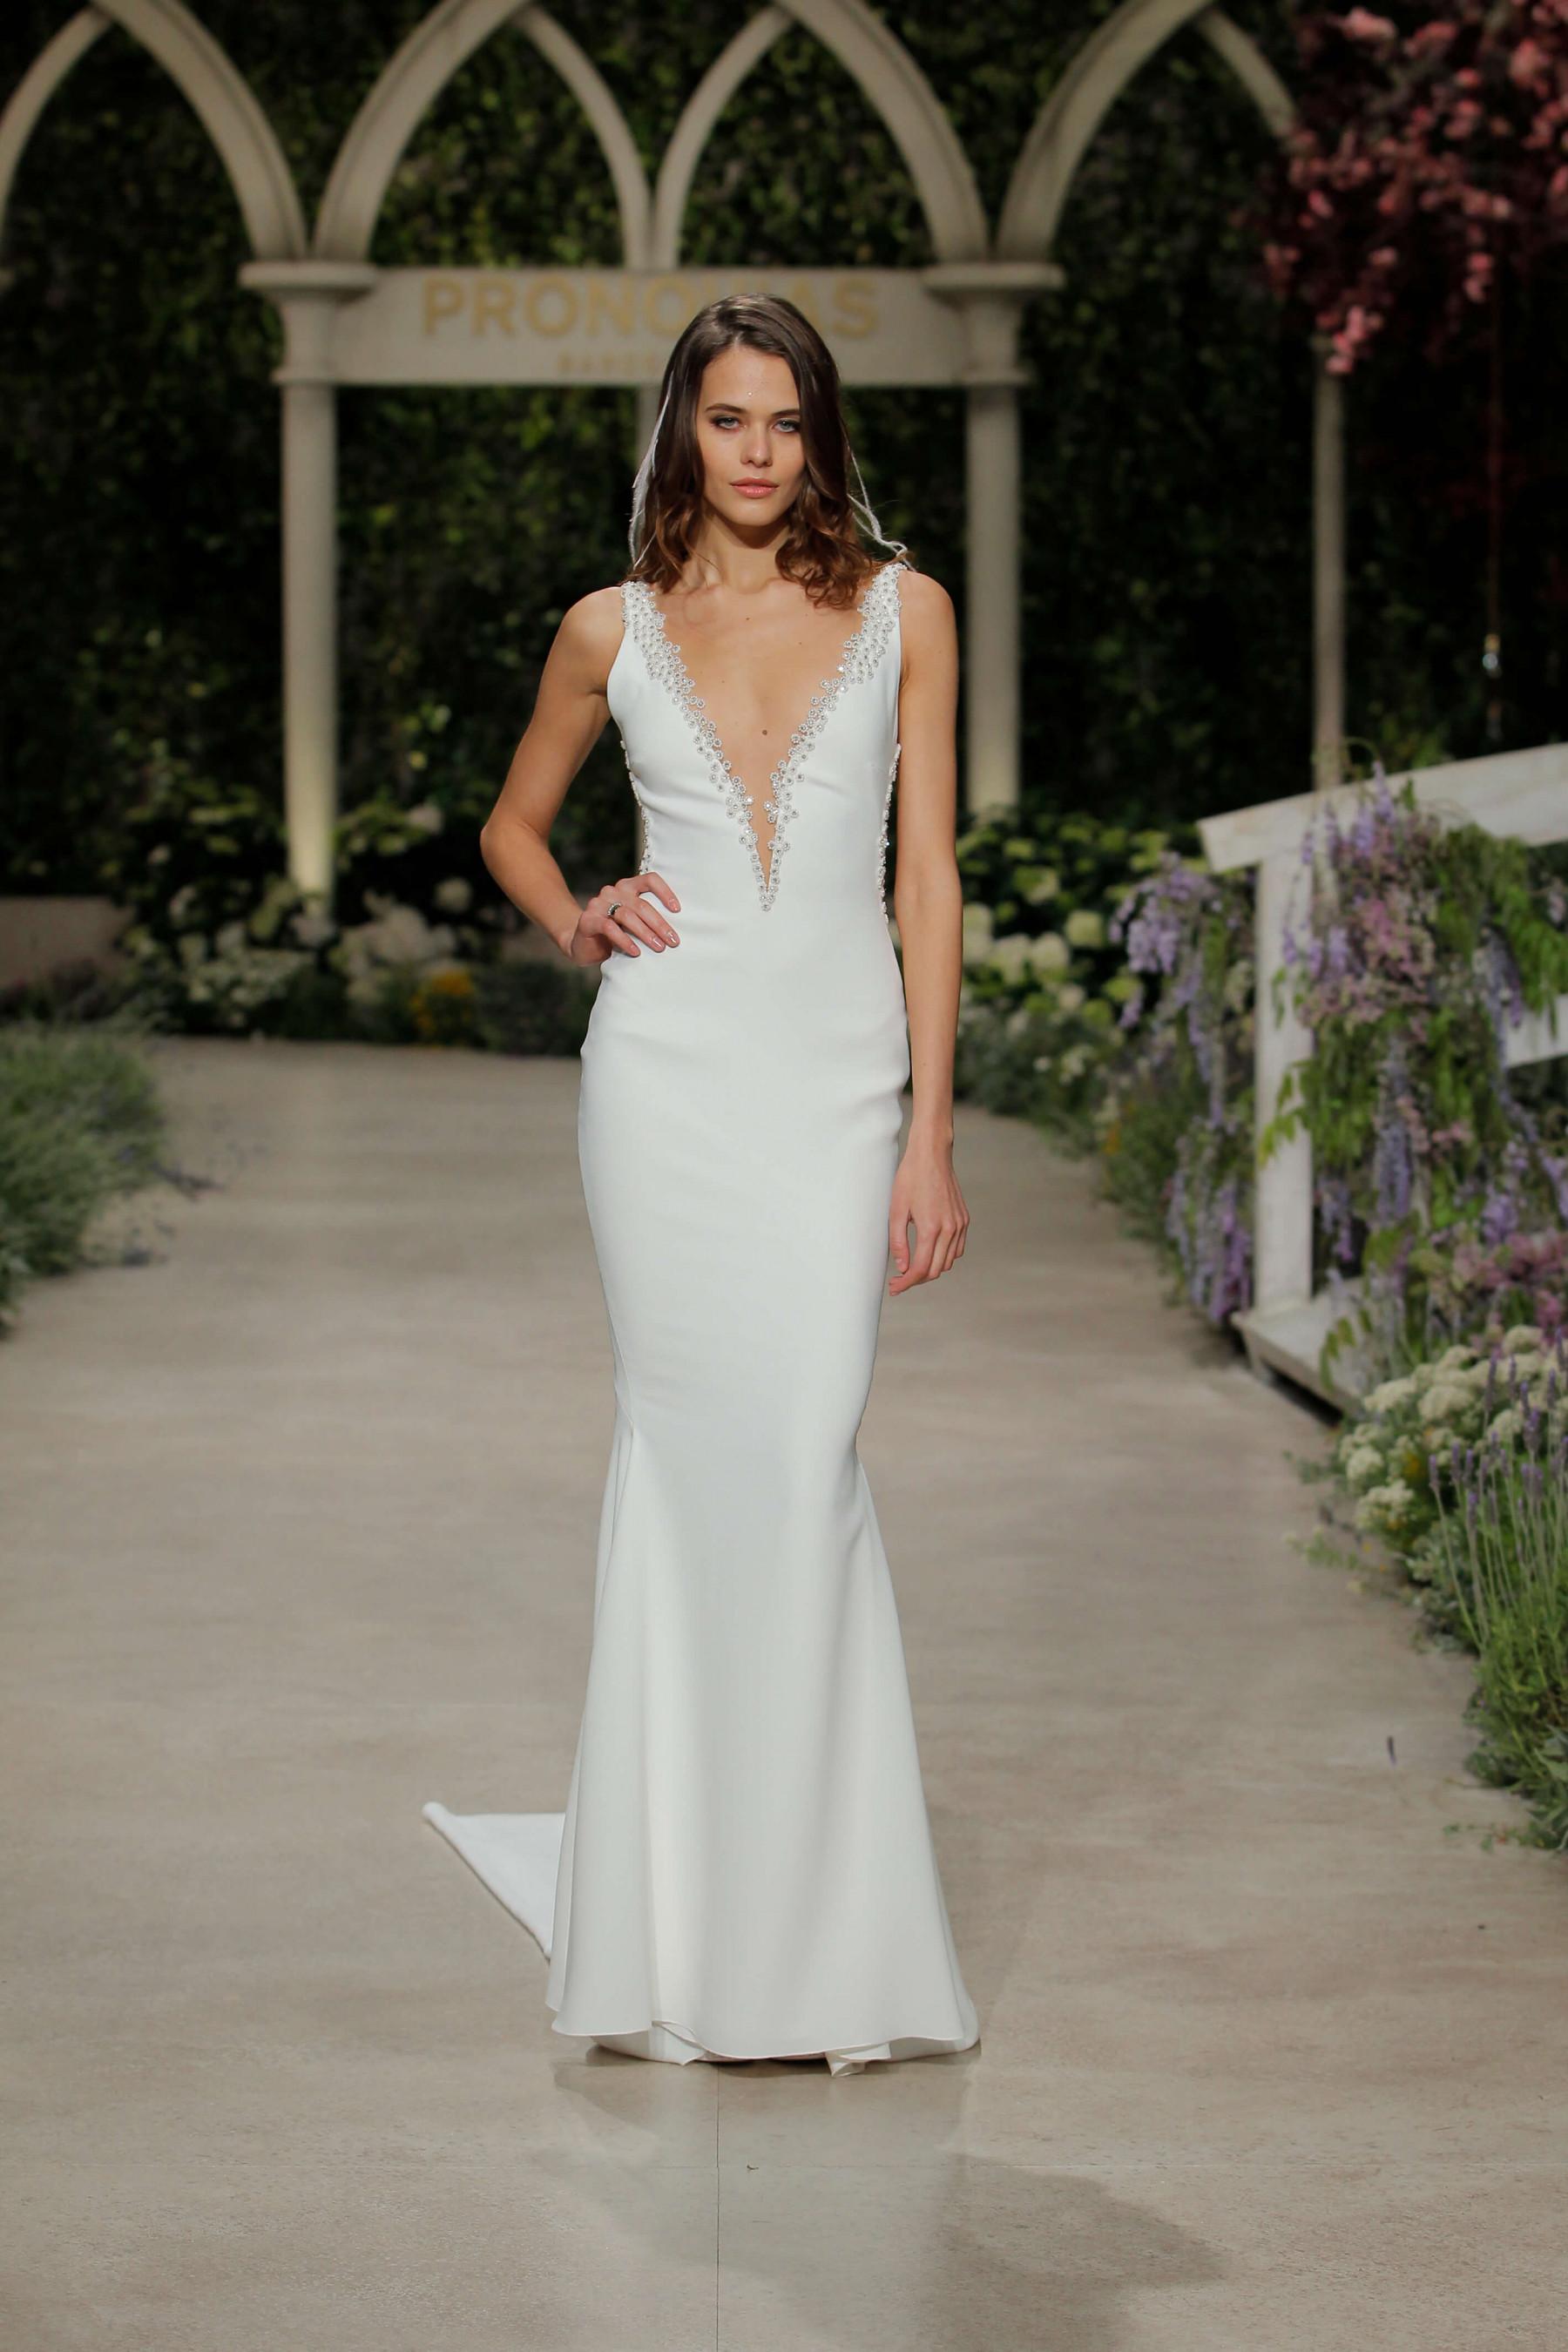 Свадебные платья Pronovias: стильная коллекция «In bloom»